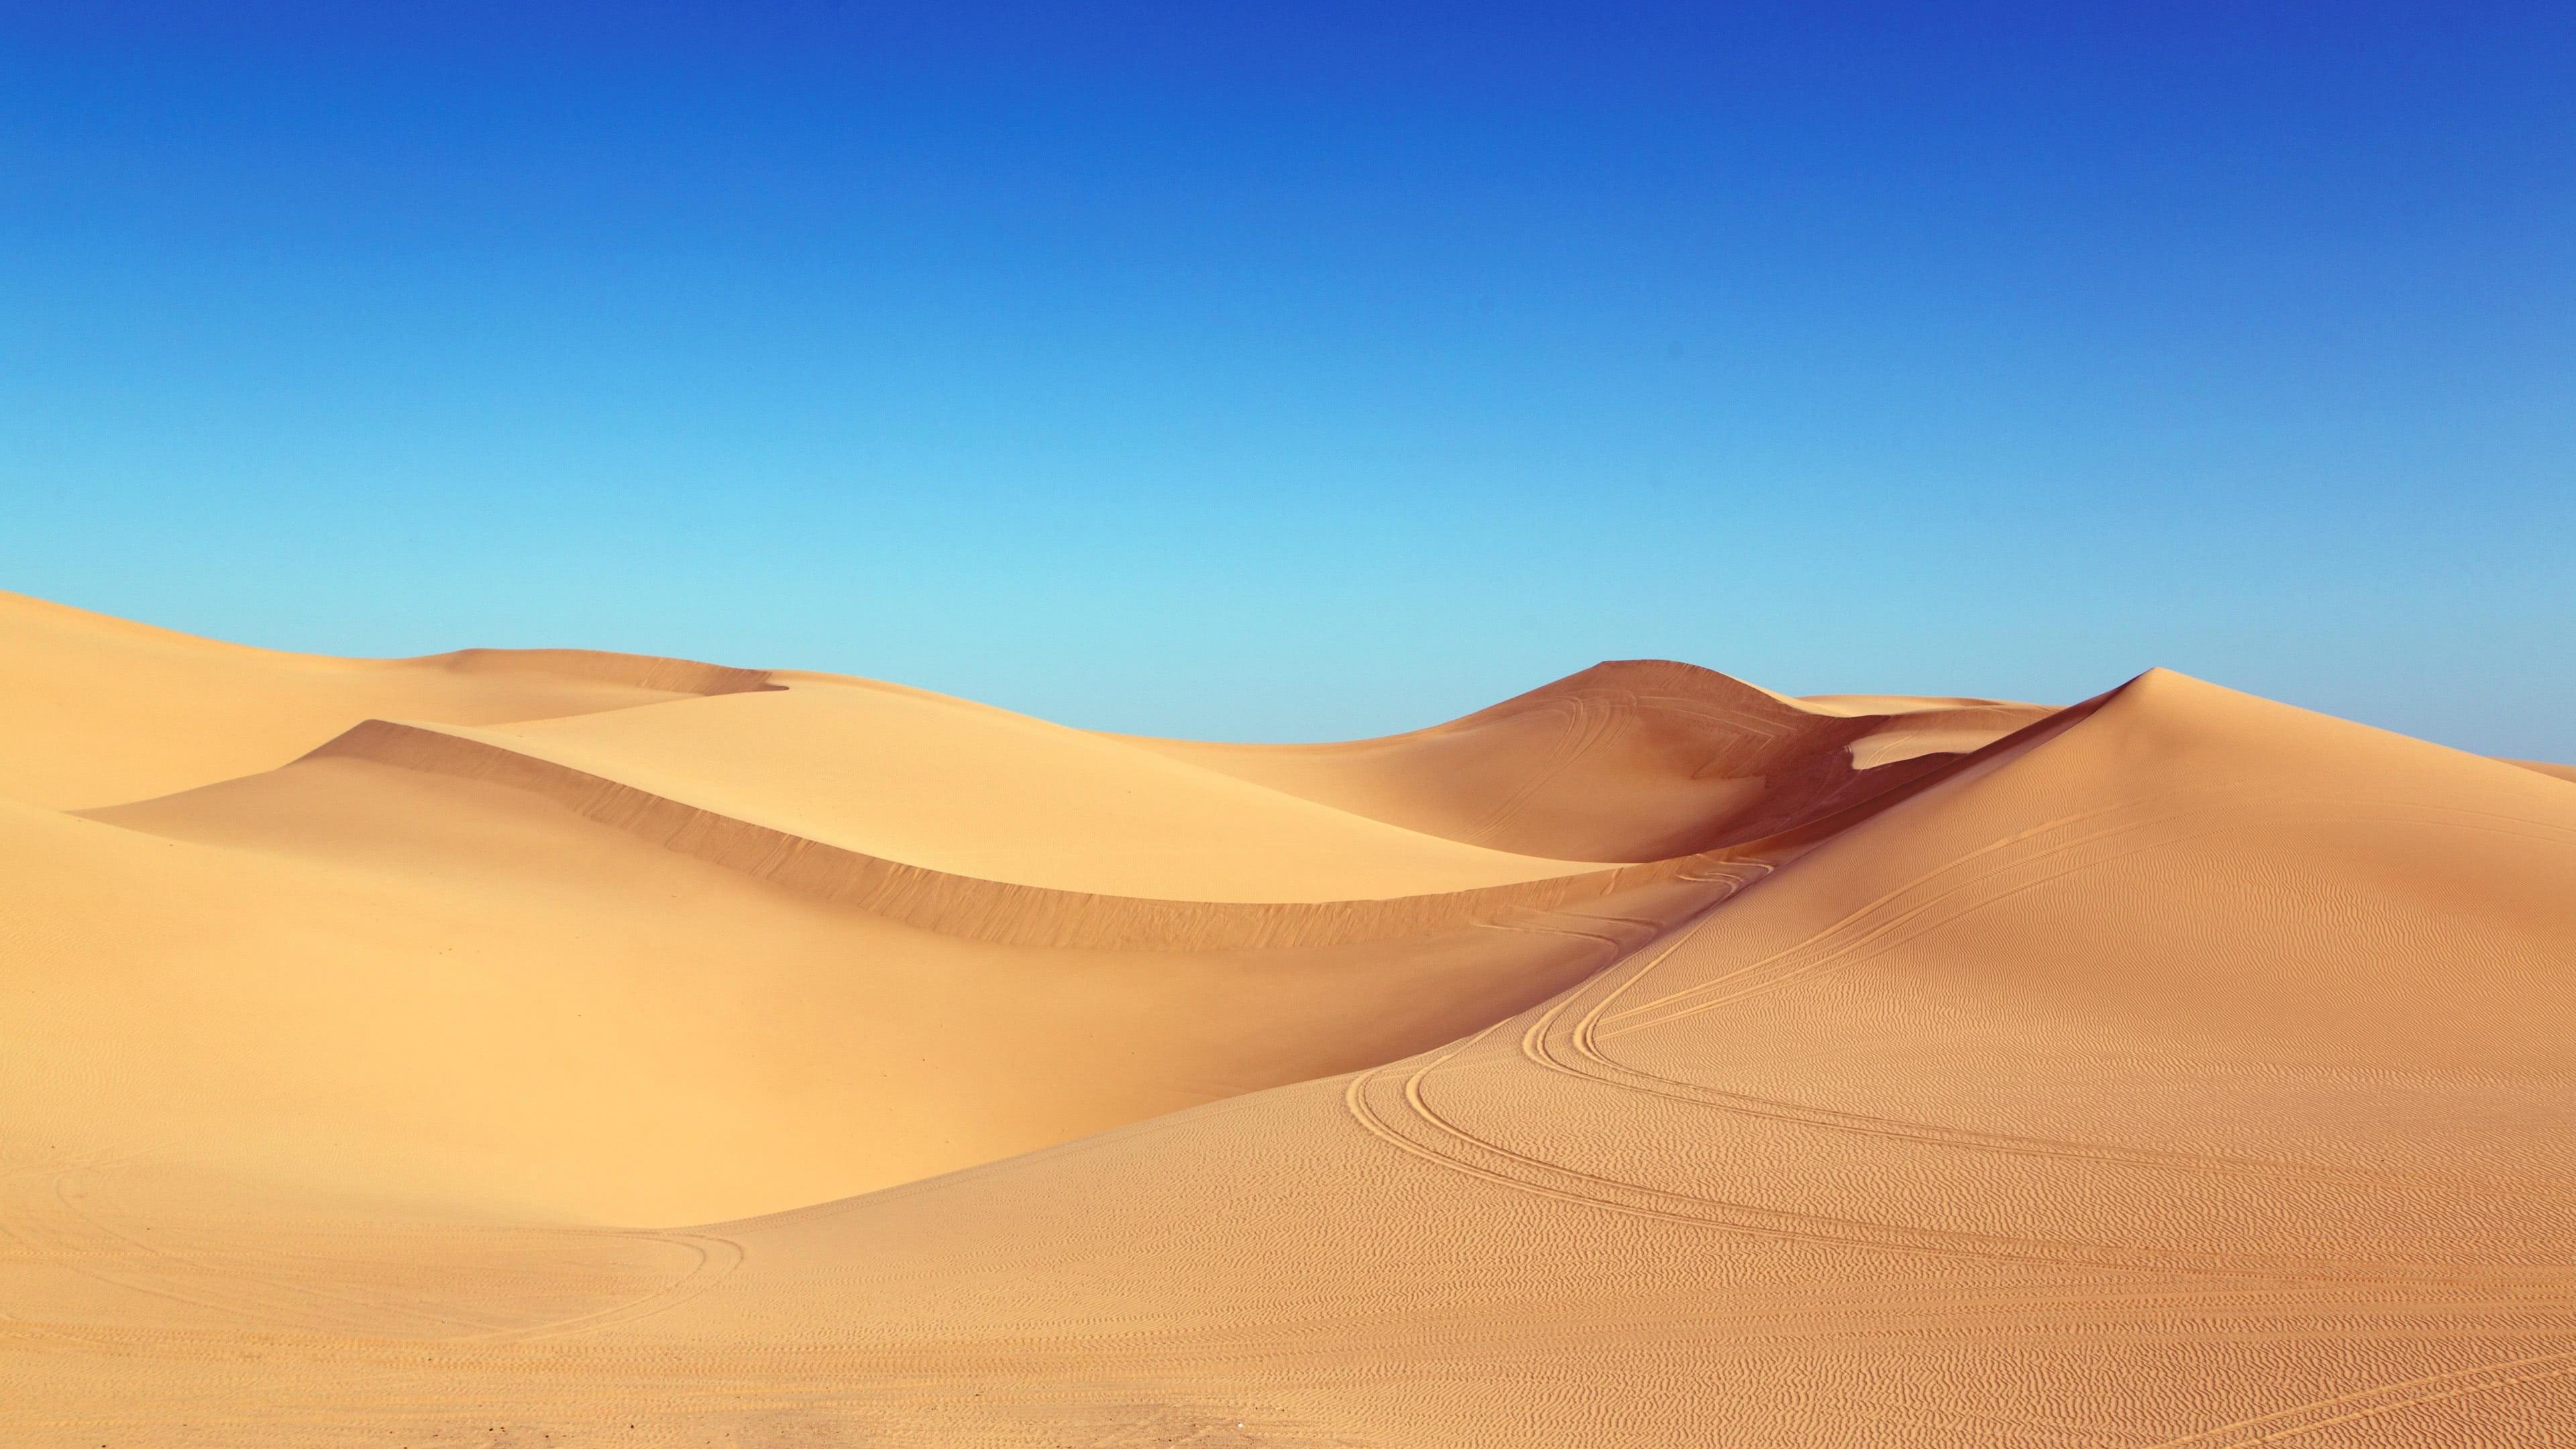 desert sand dunes uhd 4k wallpaper